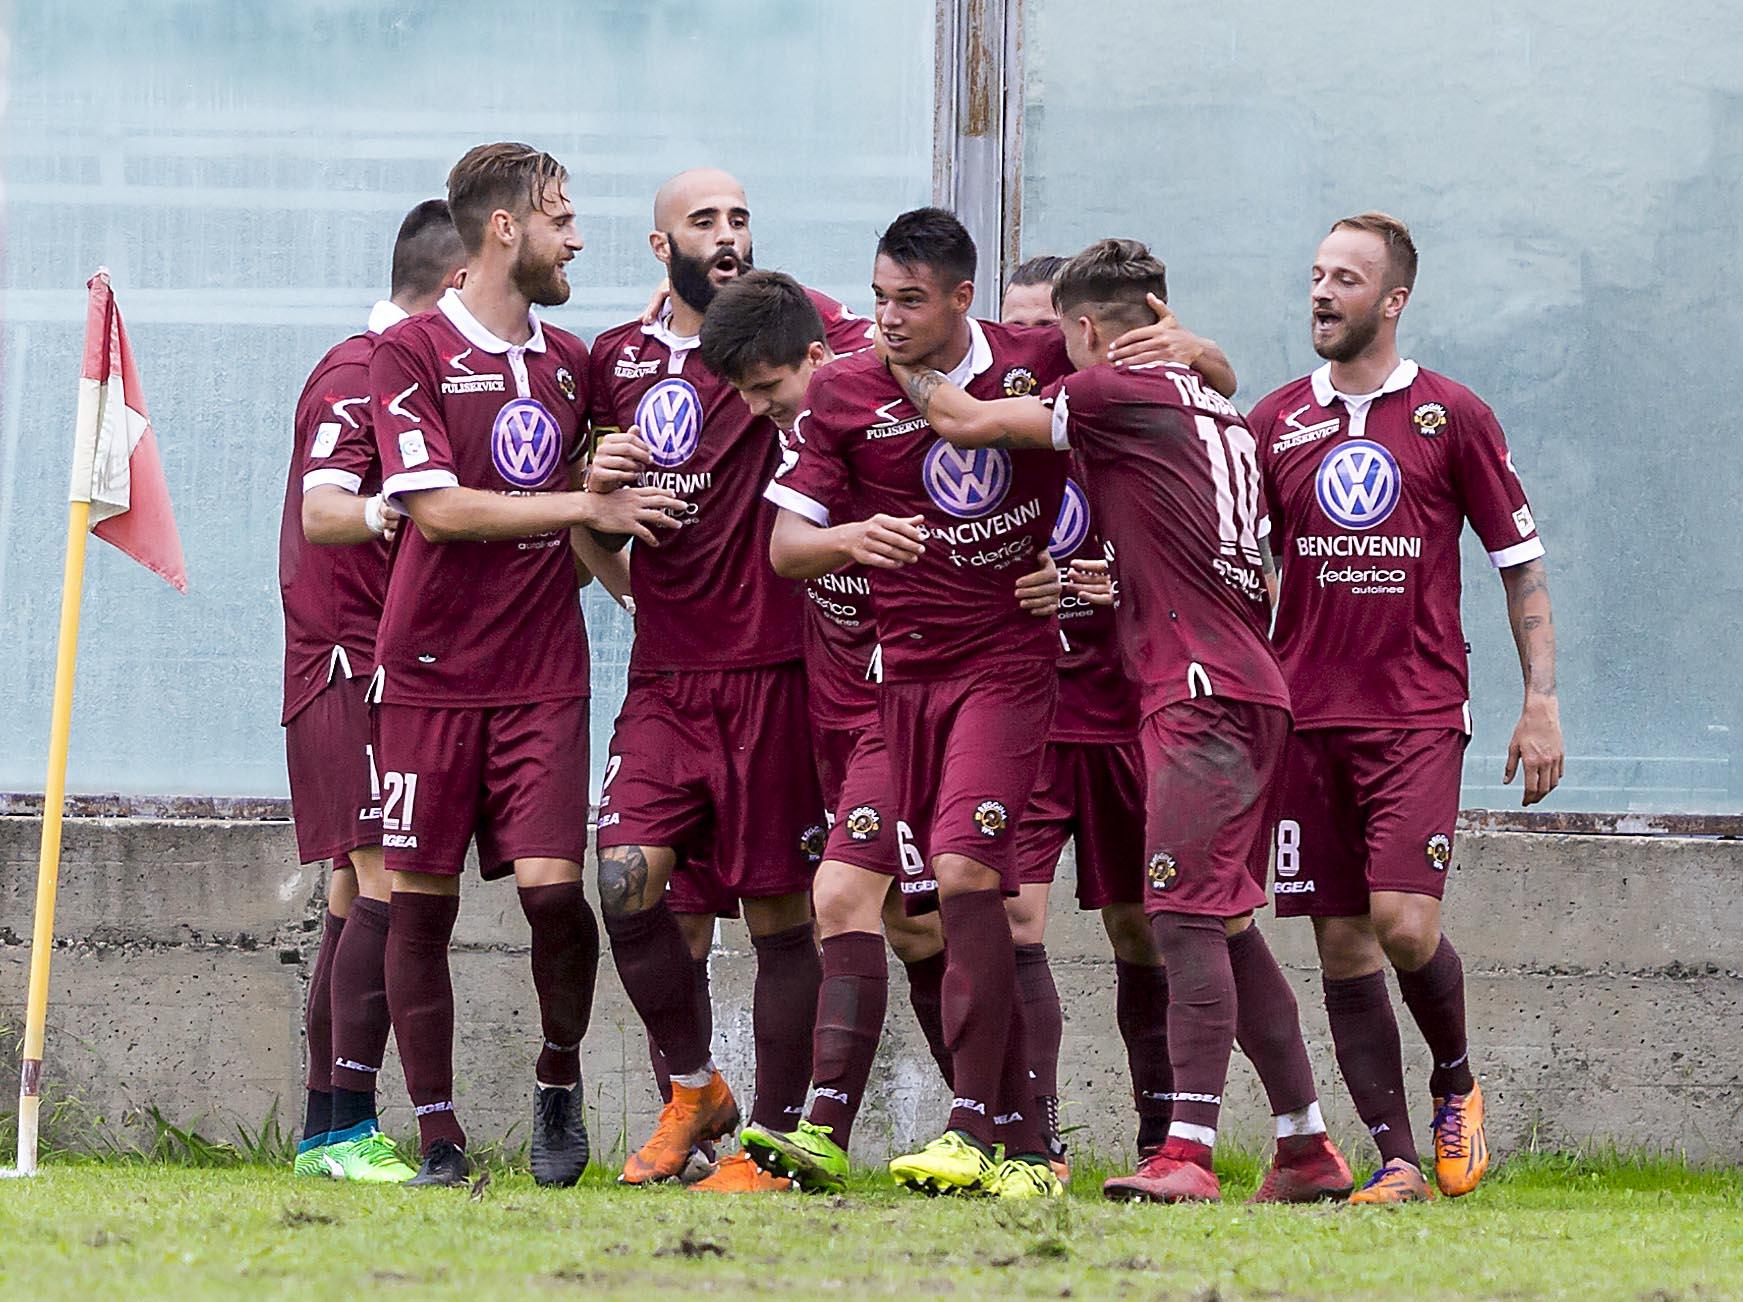 Siracusa Reggina: La Reggina Stende Il Siracusa (1-0) Sul Neutro Del